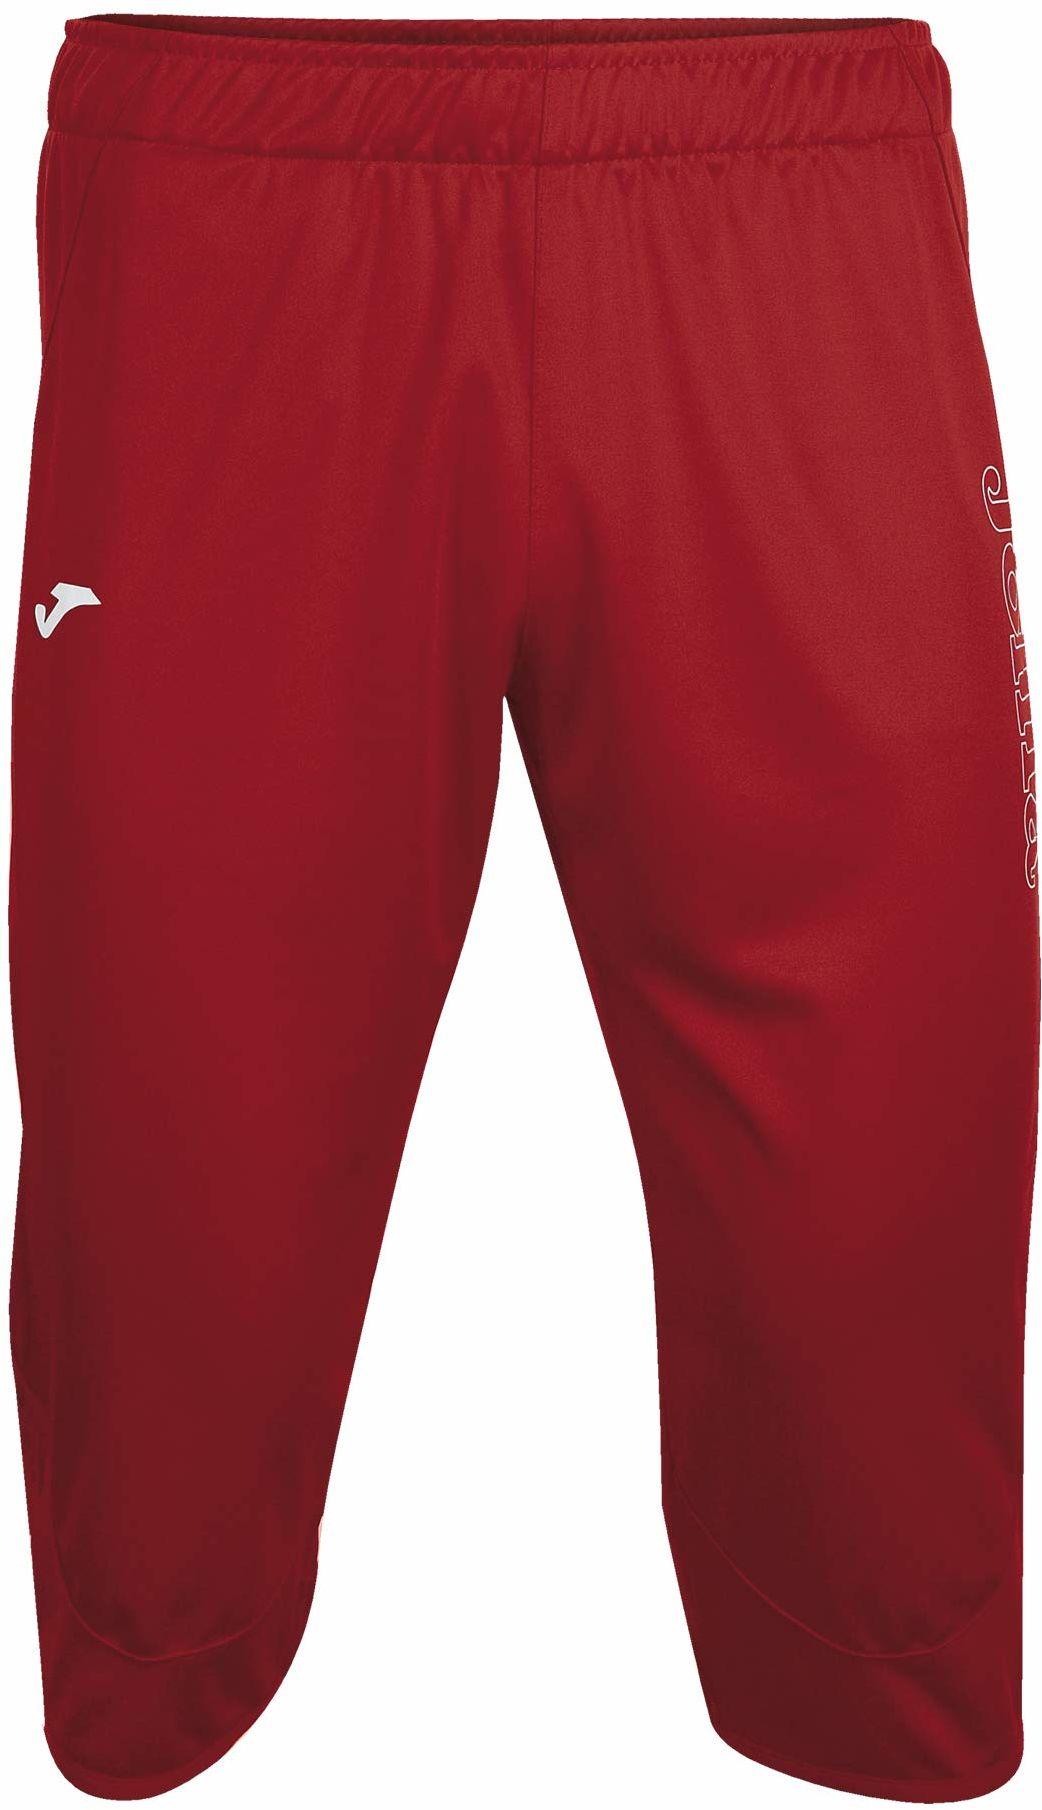 Joma Combi Vela 3/4 Pirate spodnie treningowe dla dorosłych, uniseks czerwony Rot - 600 L